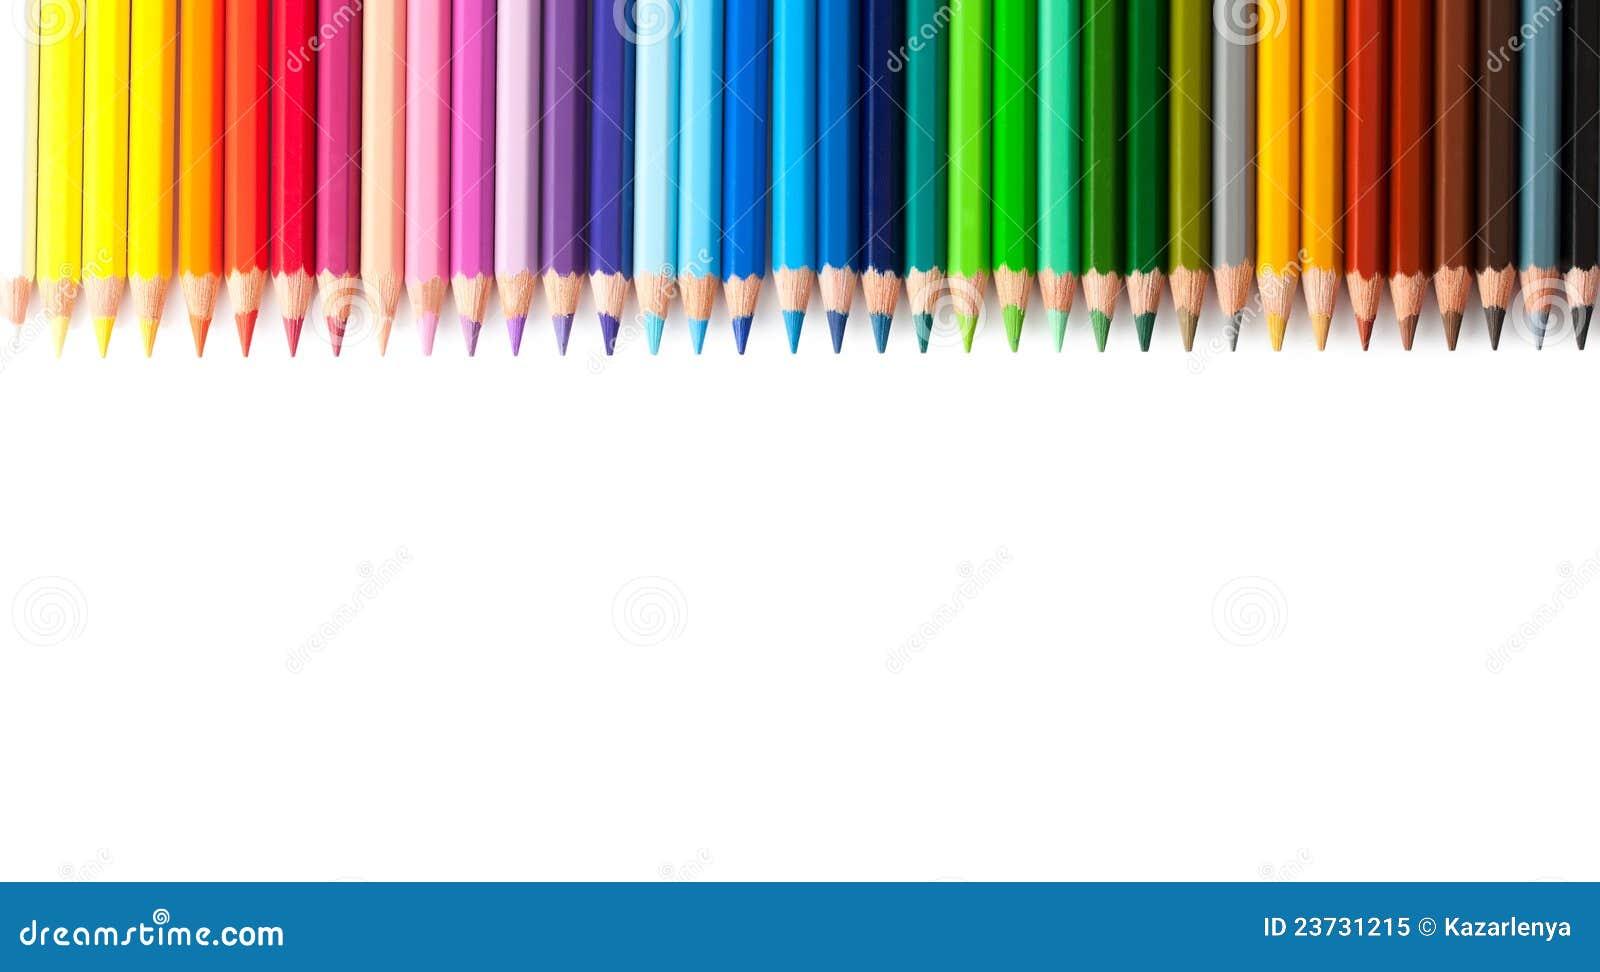 查出的多彩多姿的铅笔